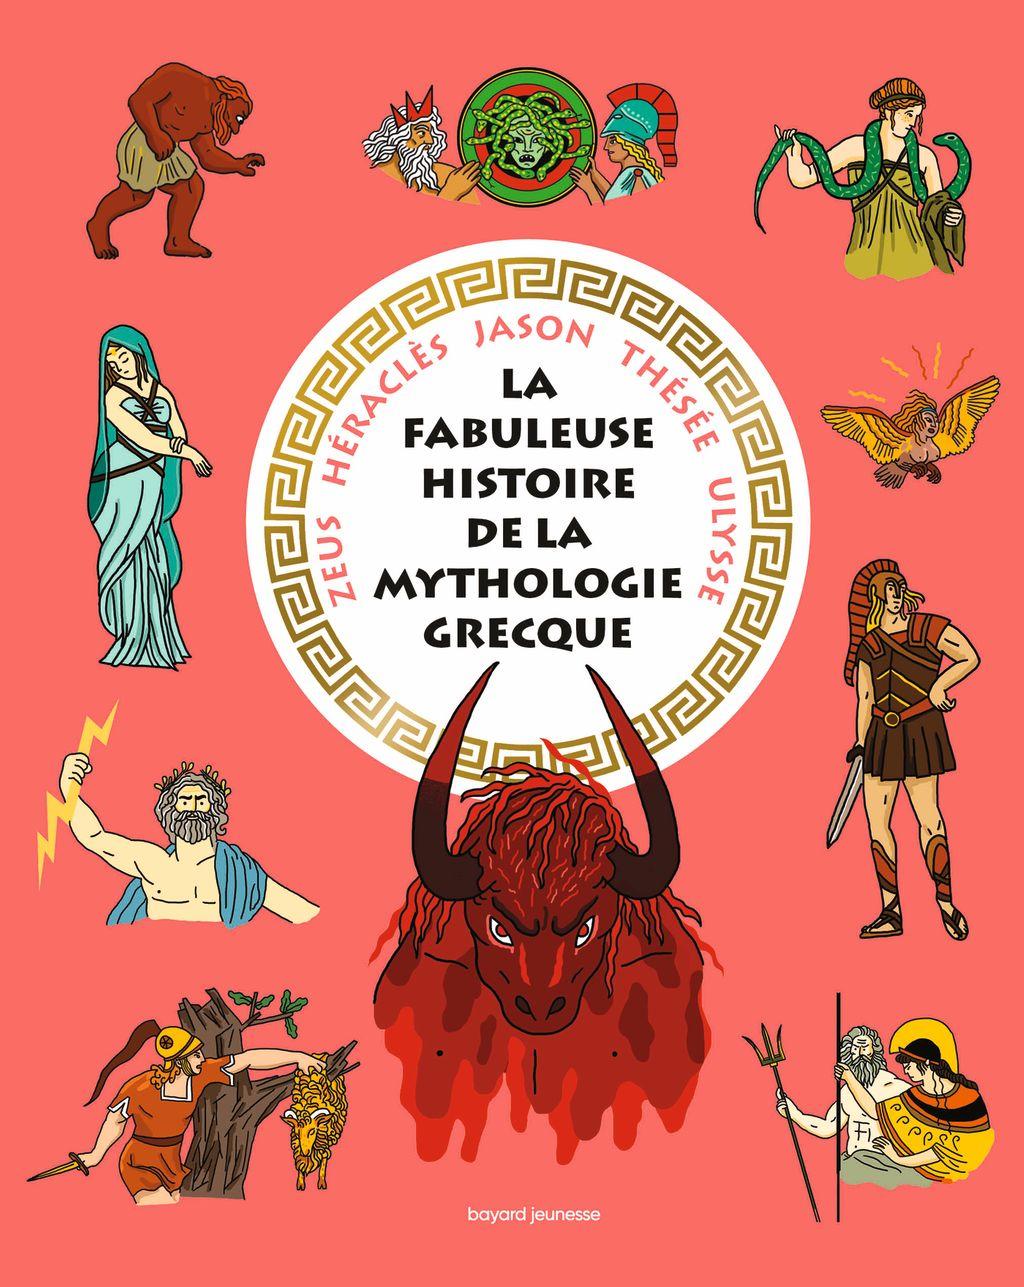 Le théâtre de la mythologie